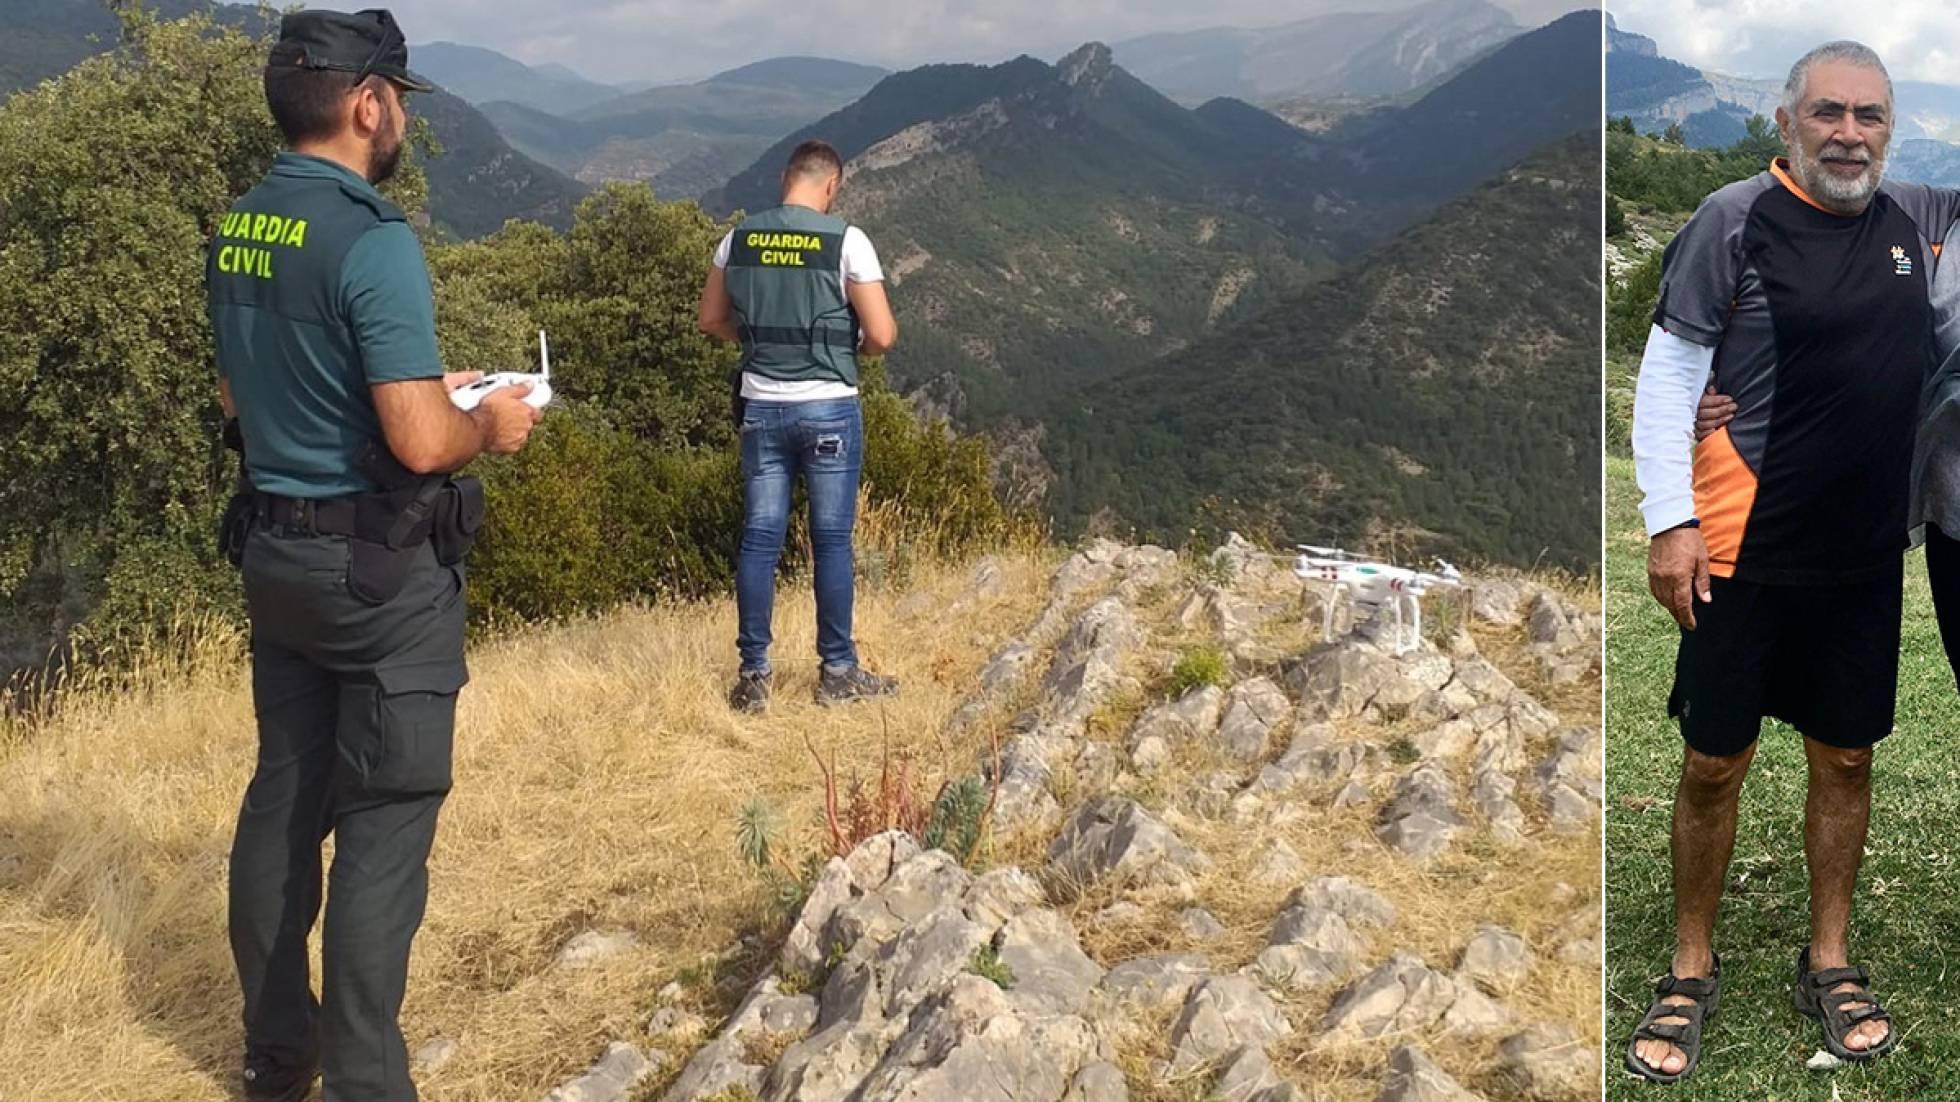 El turista mexicano perdido en Huesca murió de un paro cardíaco el día que desapareció, según la familia